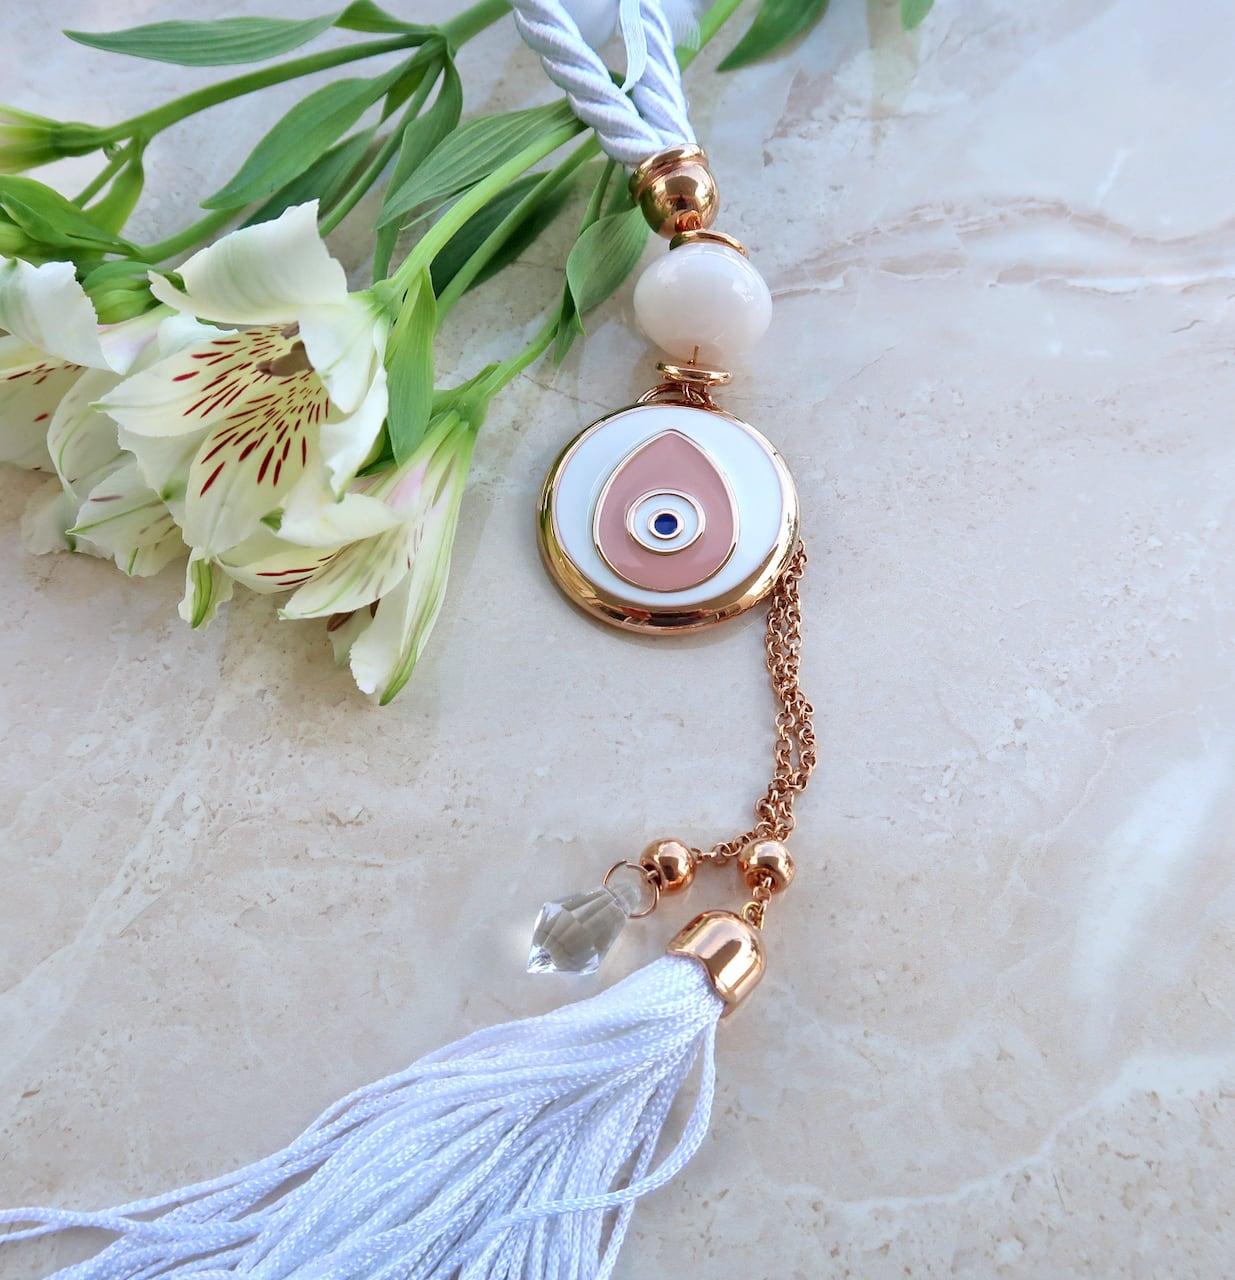 Μπομπονιέρα Γάμου αντικείμενο σε ροζ-χρυσό μέταλλο σε σχήμα μάτι